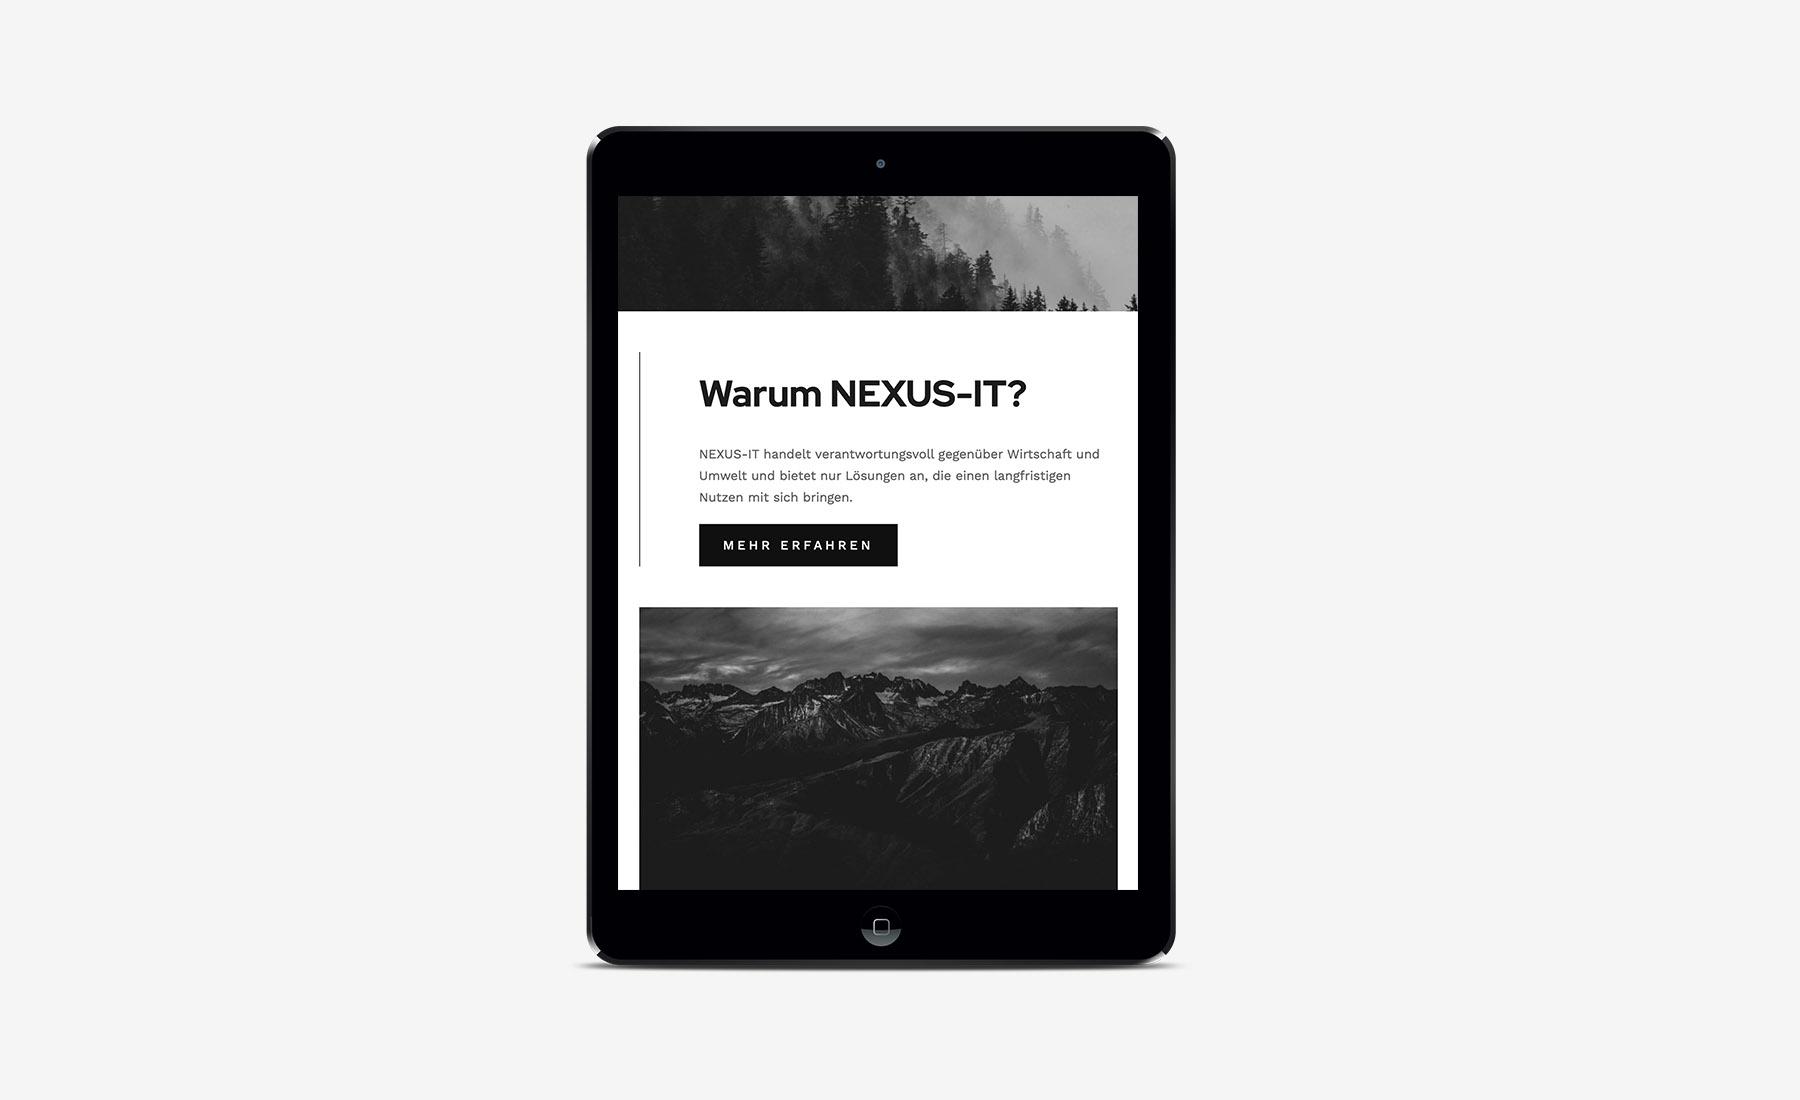 NEXUS-IT